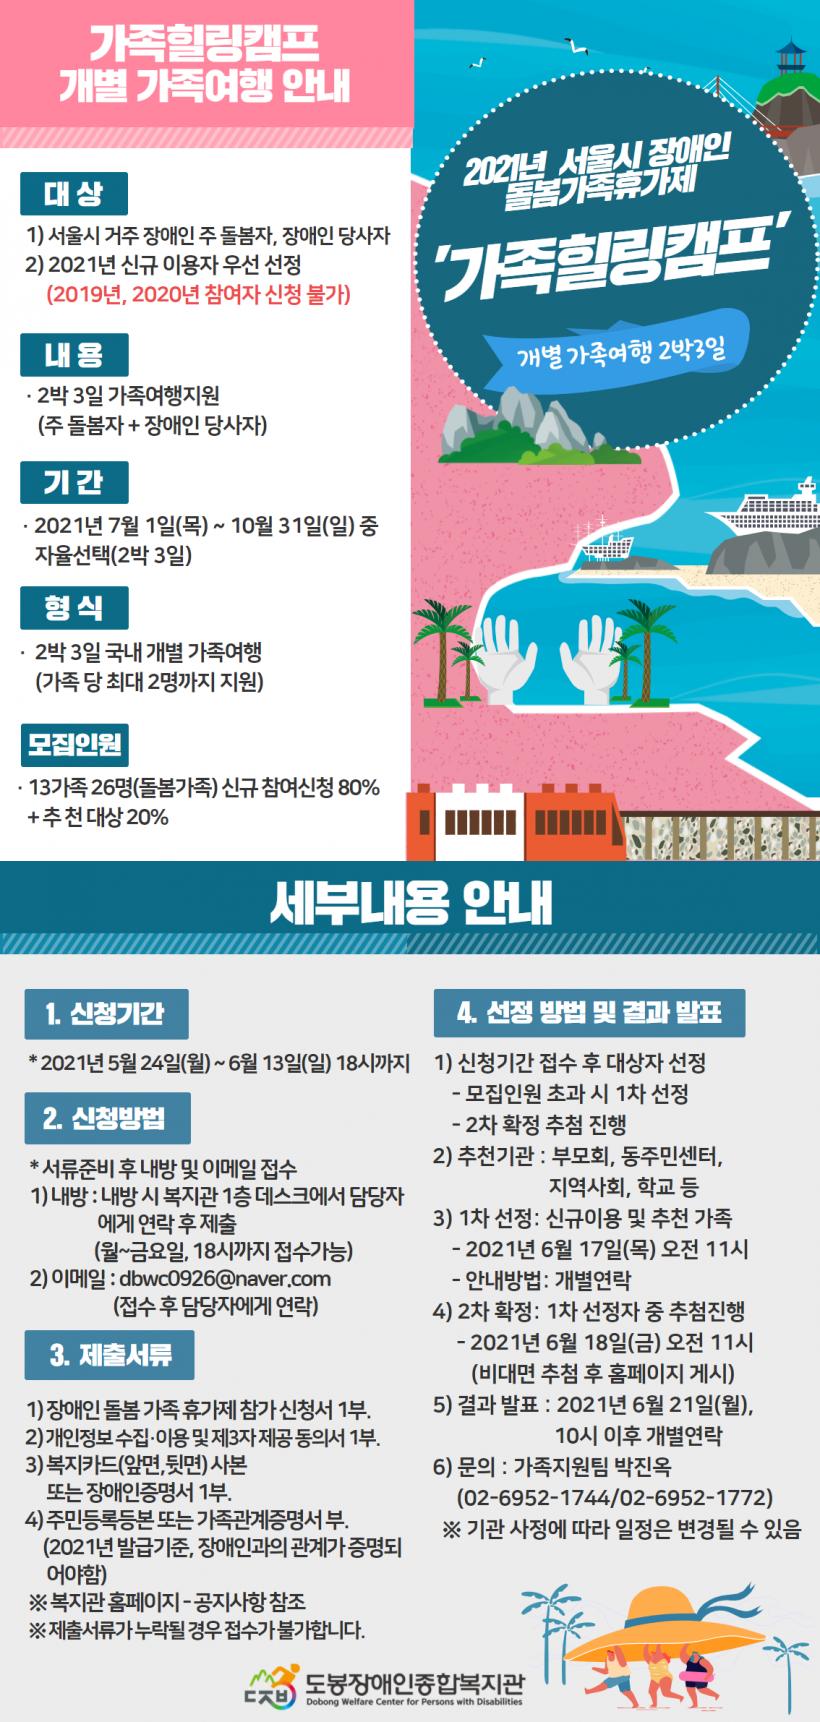 21 가족힐링캠프 홍모문(21.5.12).png